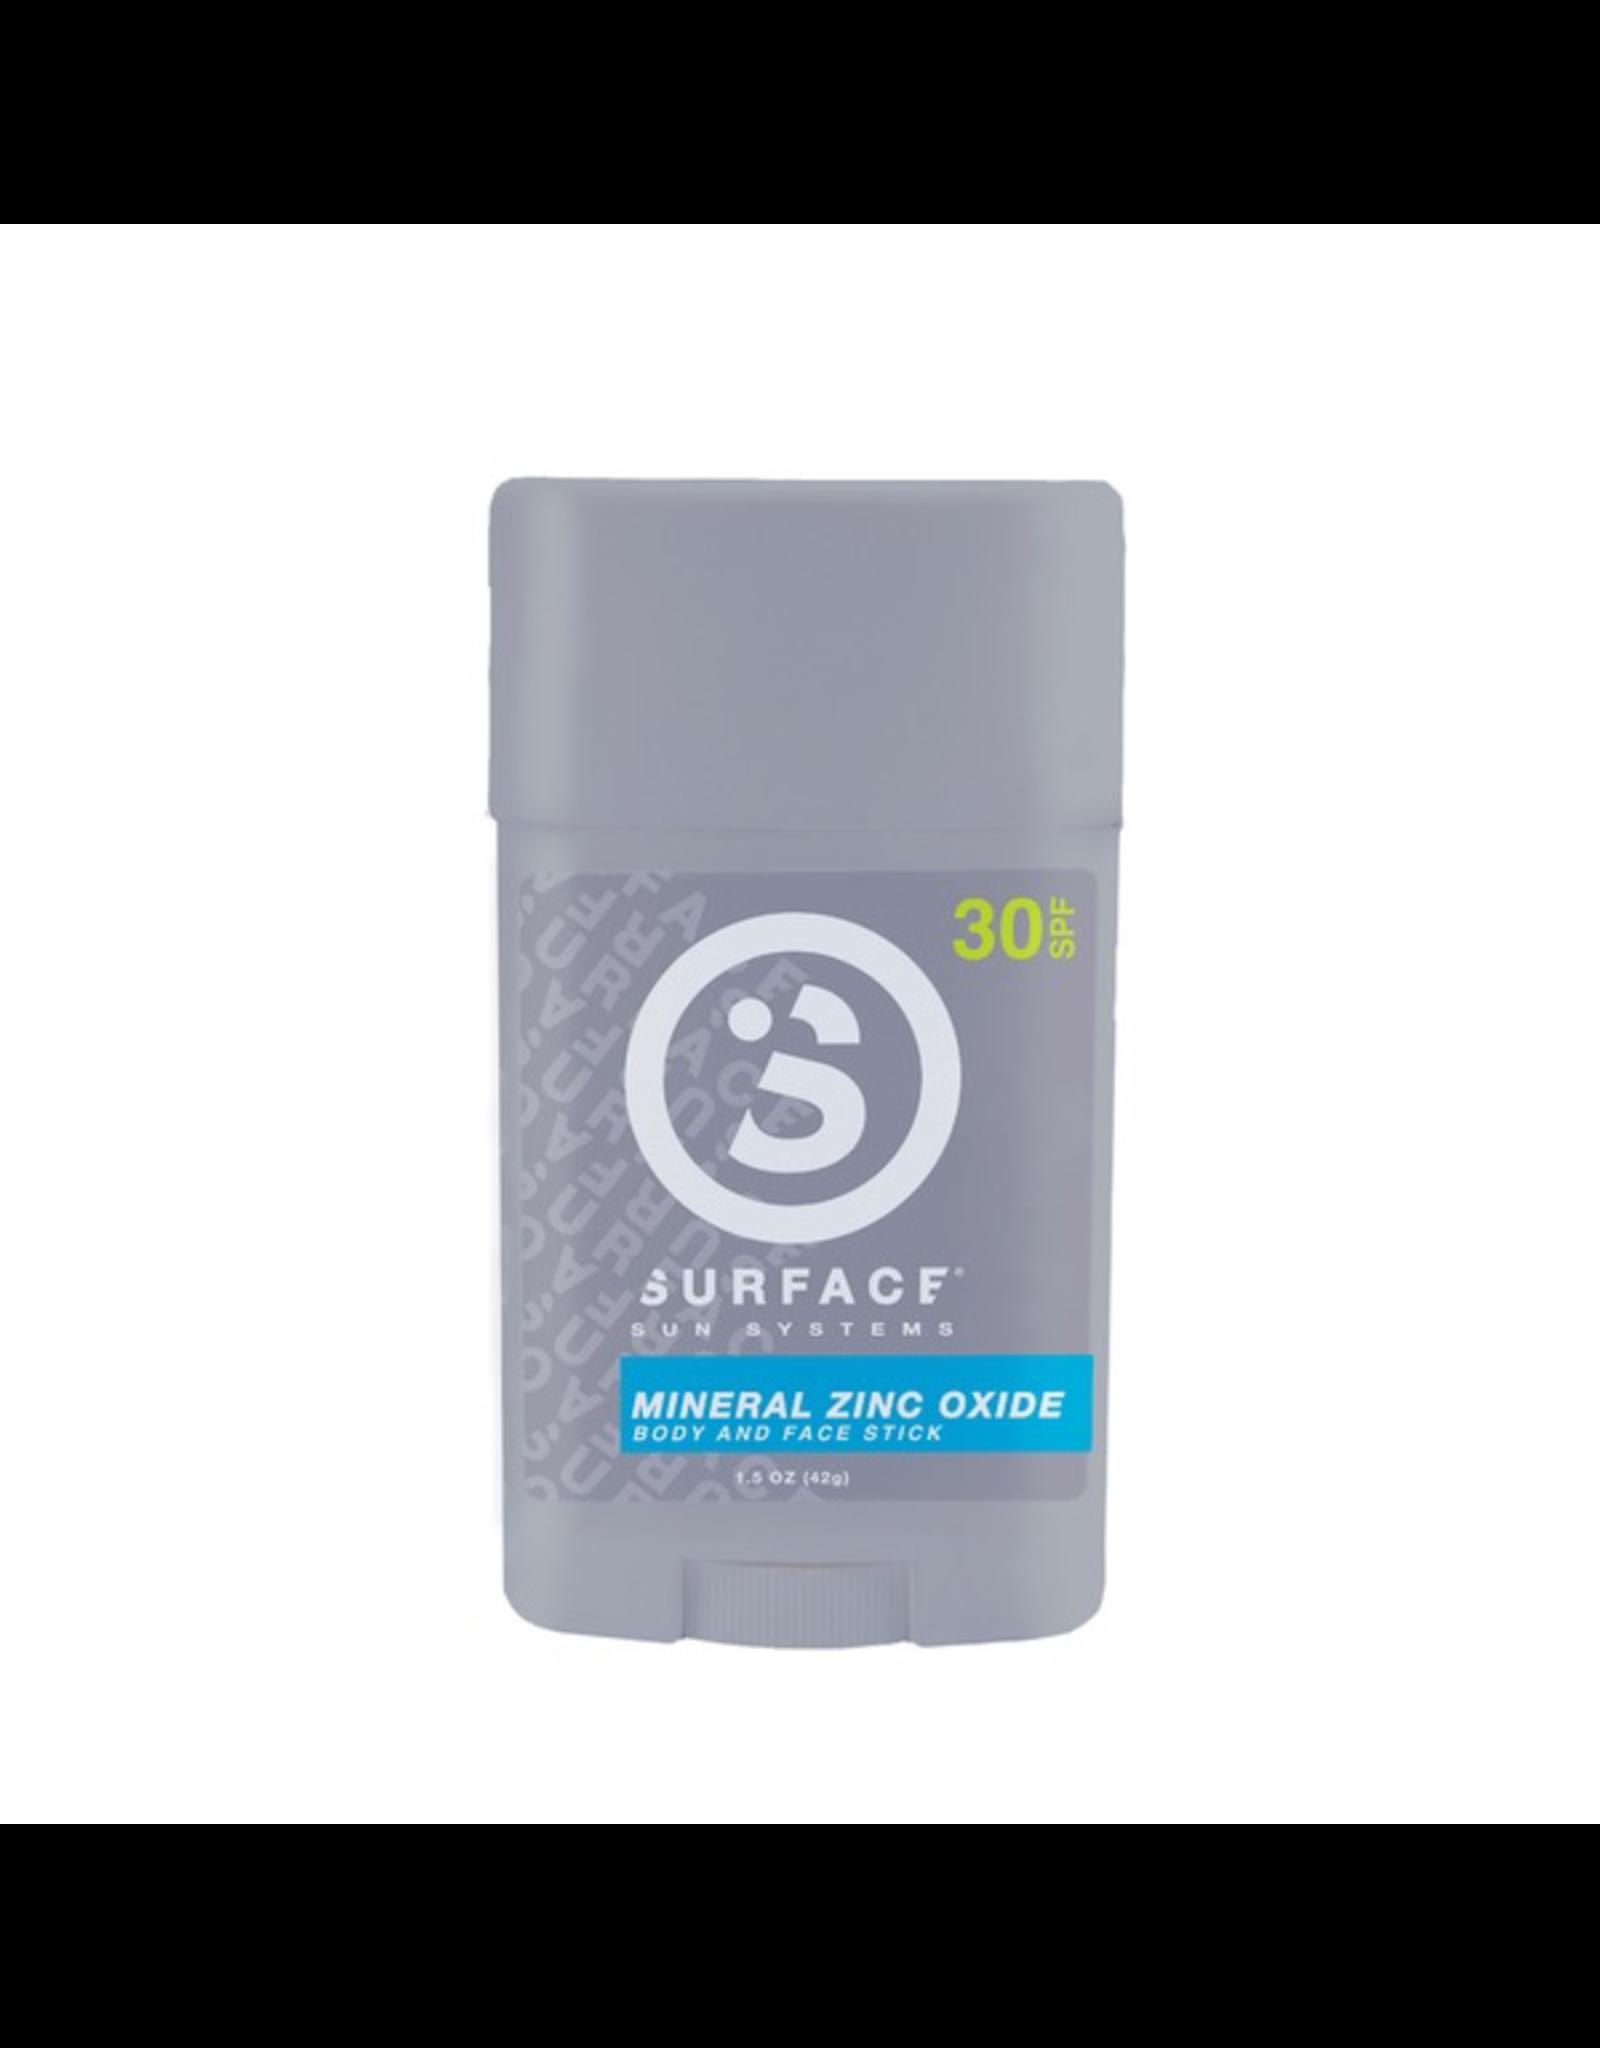 SURFACE BODY & FACE STICK SPF 50 1.5 OZ